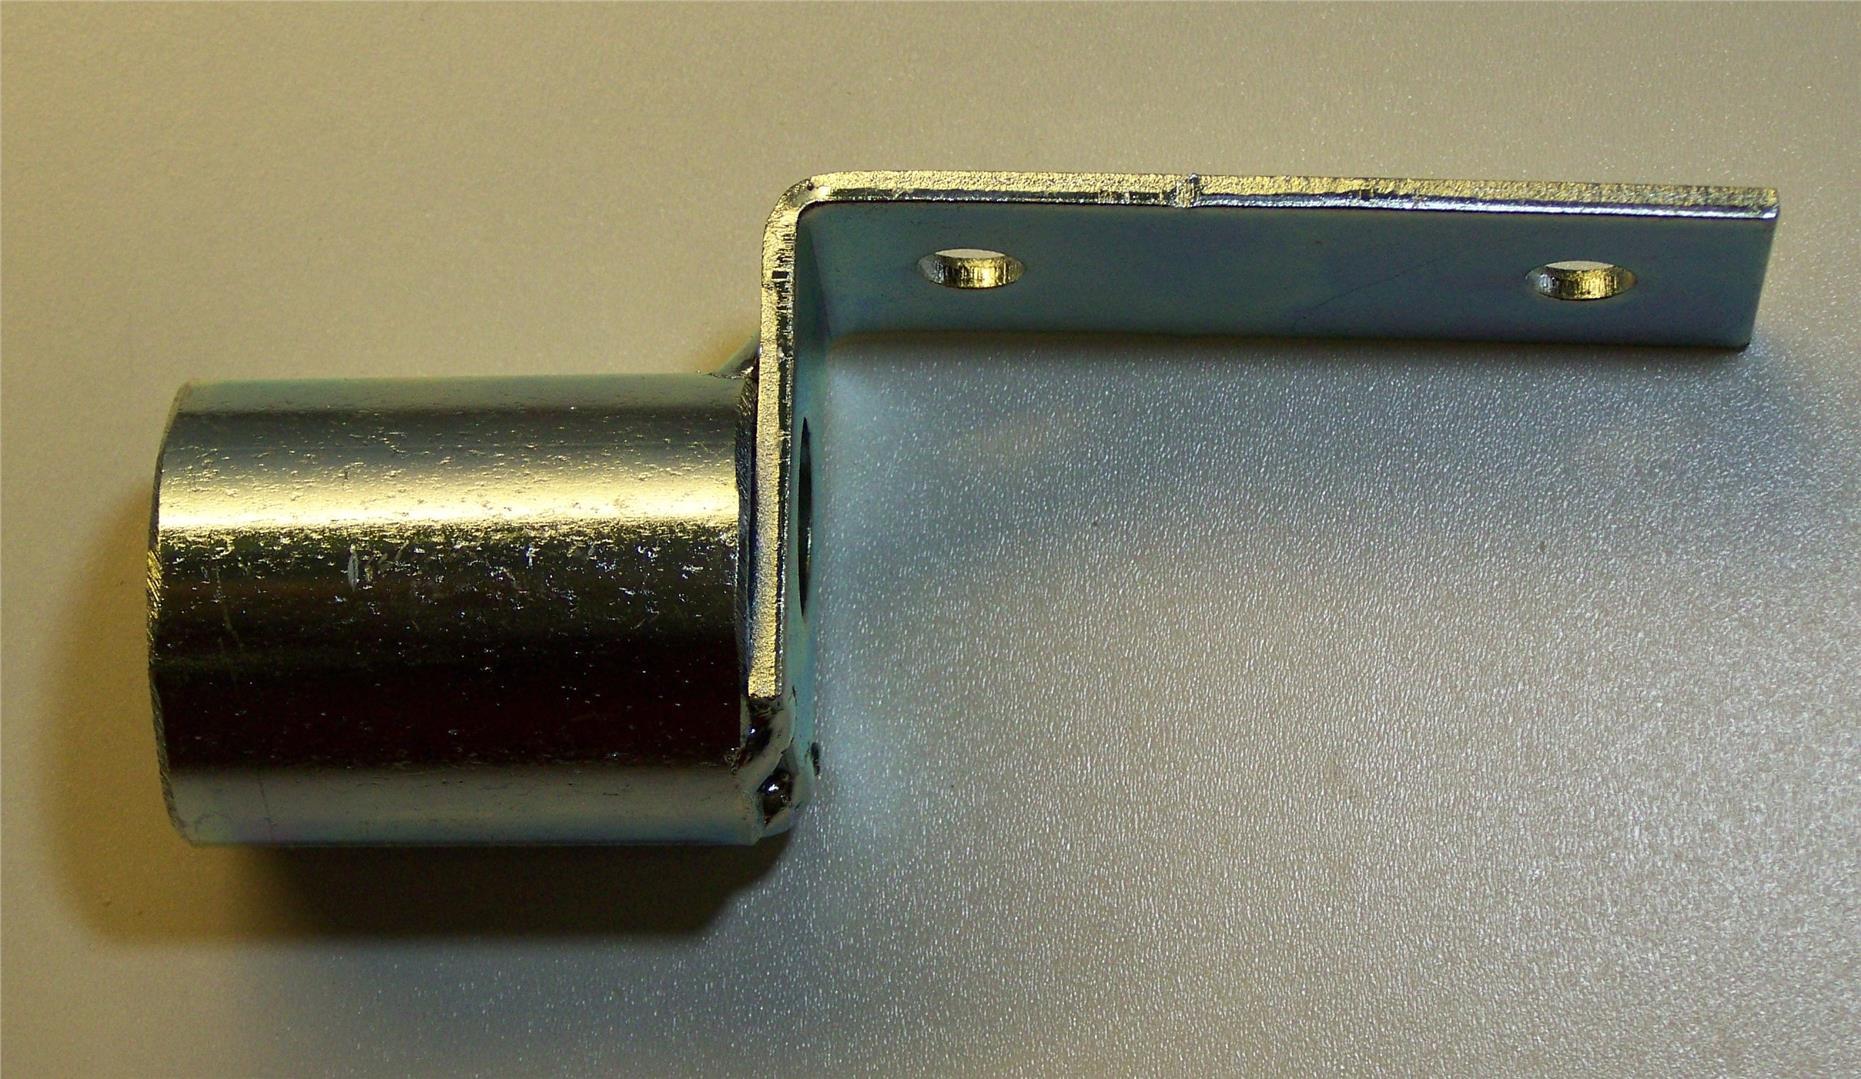 KNF konzola mini Piko na zeď, dvoubodová, 4cmx5cm